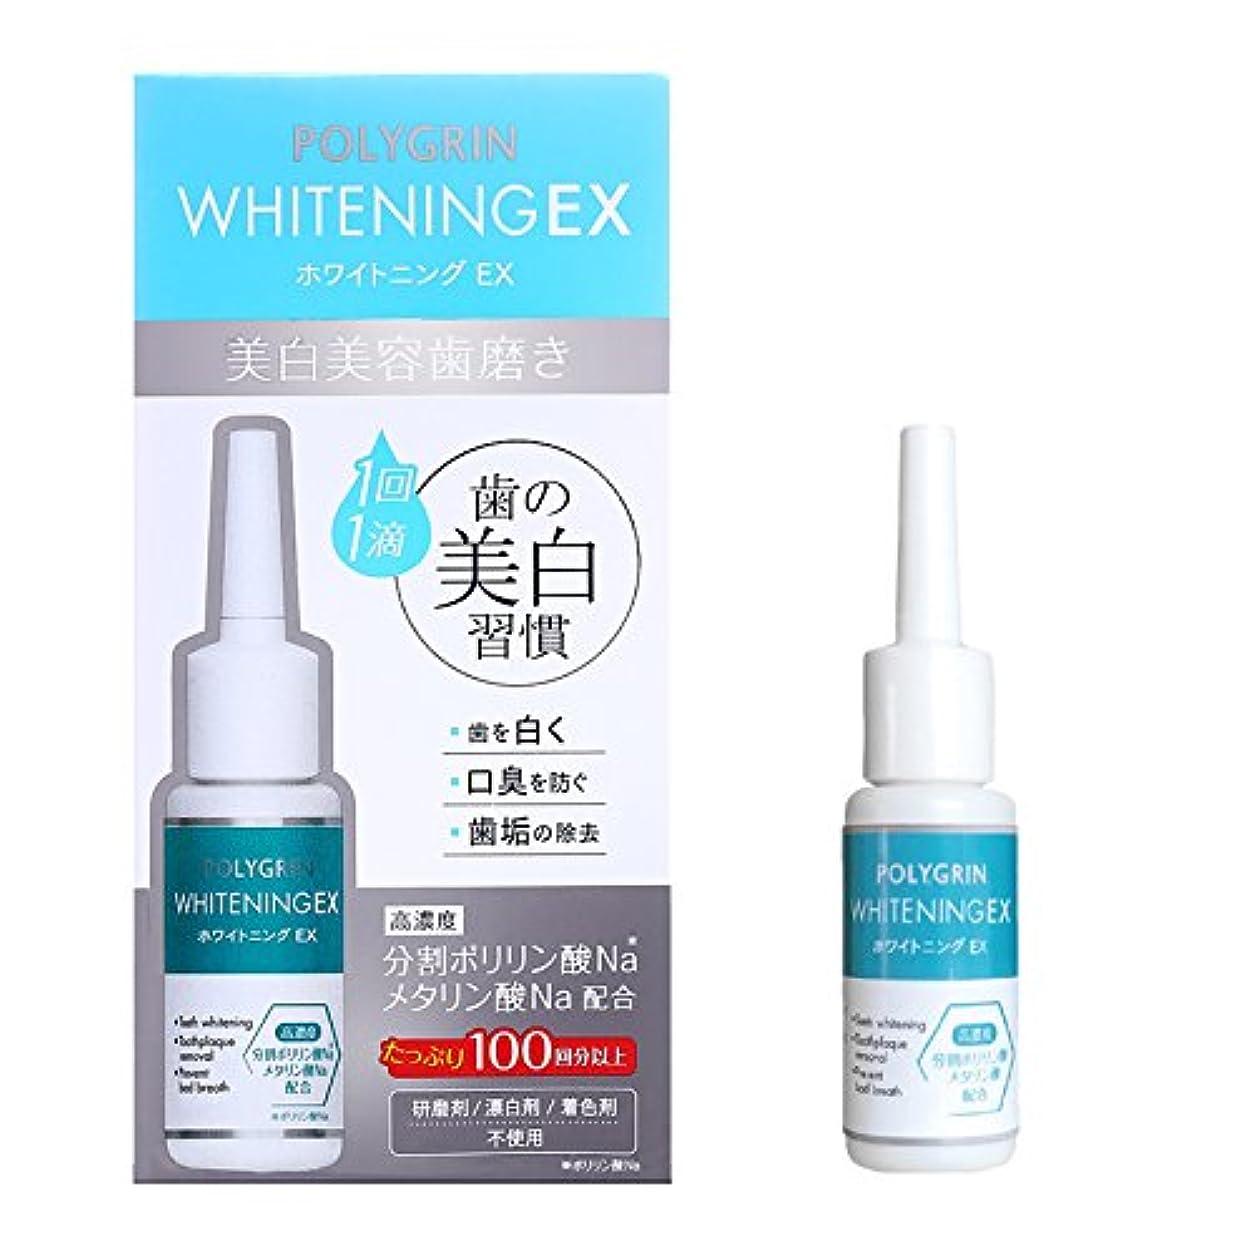 ポリグリン(POLYGRIN) ホワイトニングEX 10ml